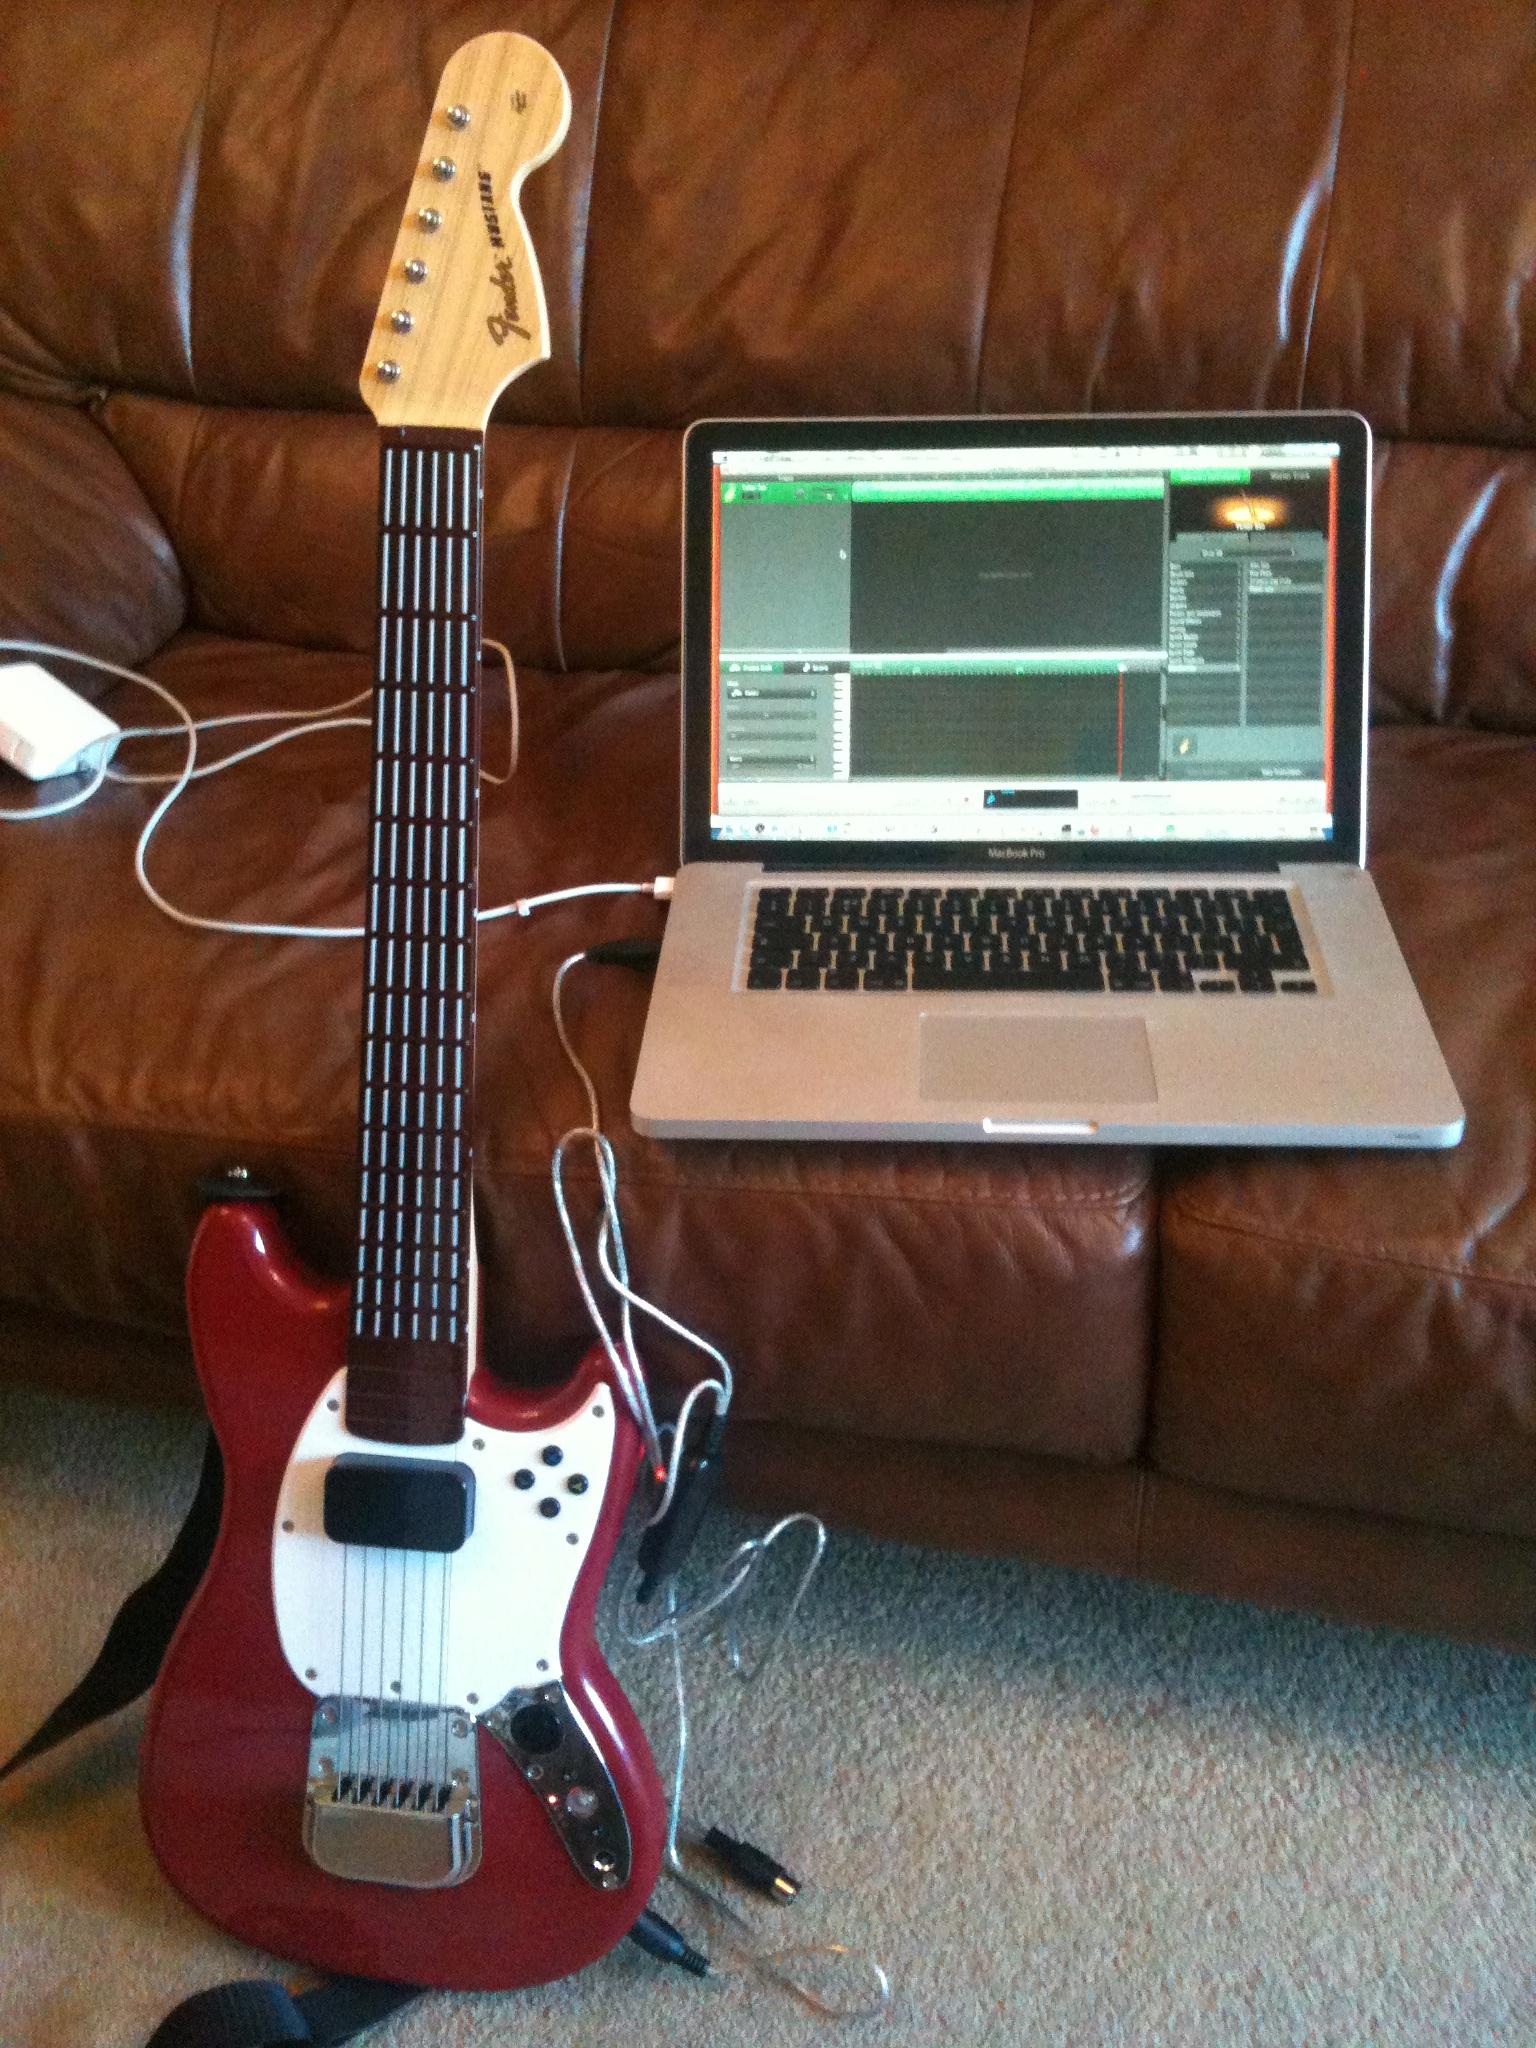 Solange 6 MIDI Guitar - Industrial Radio